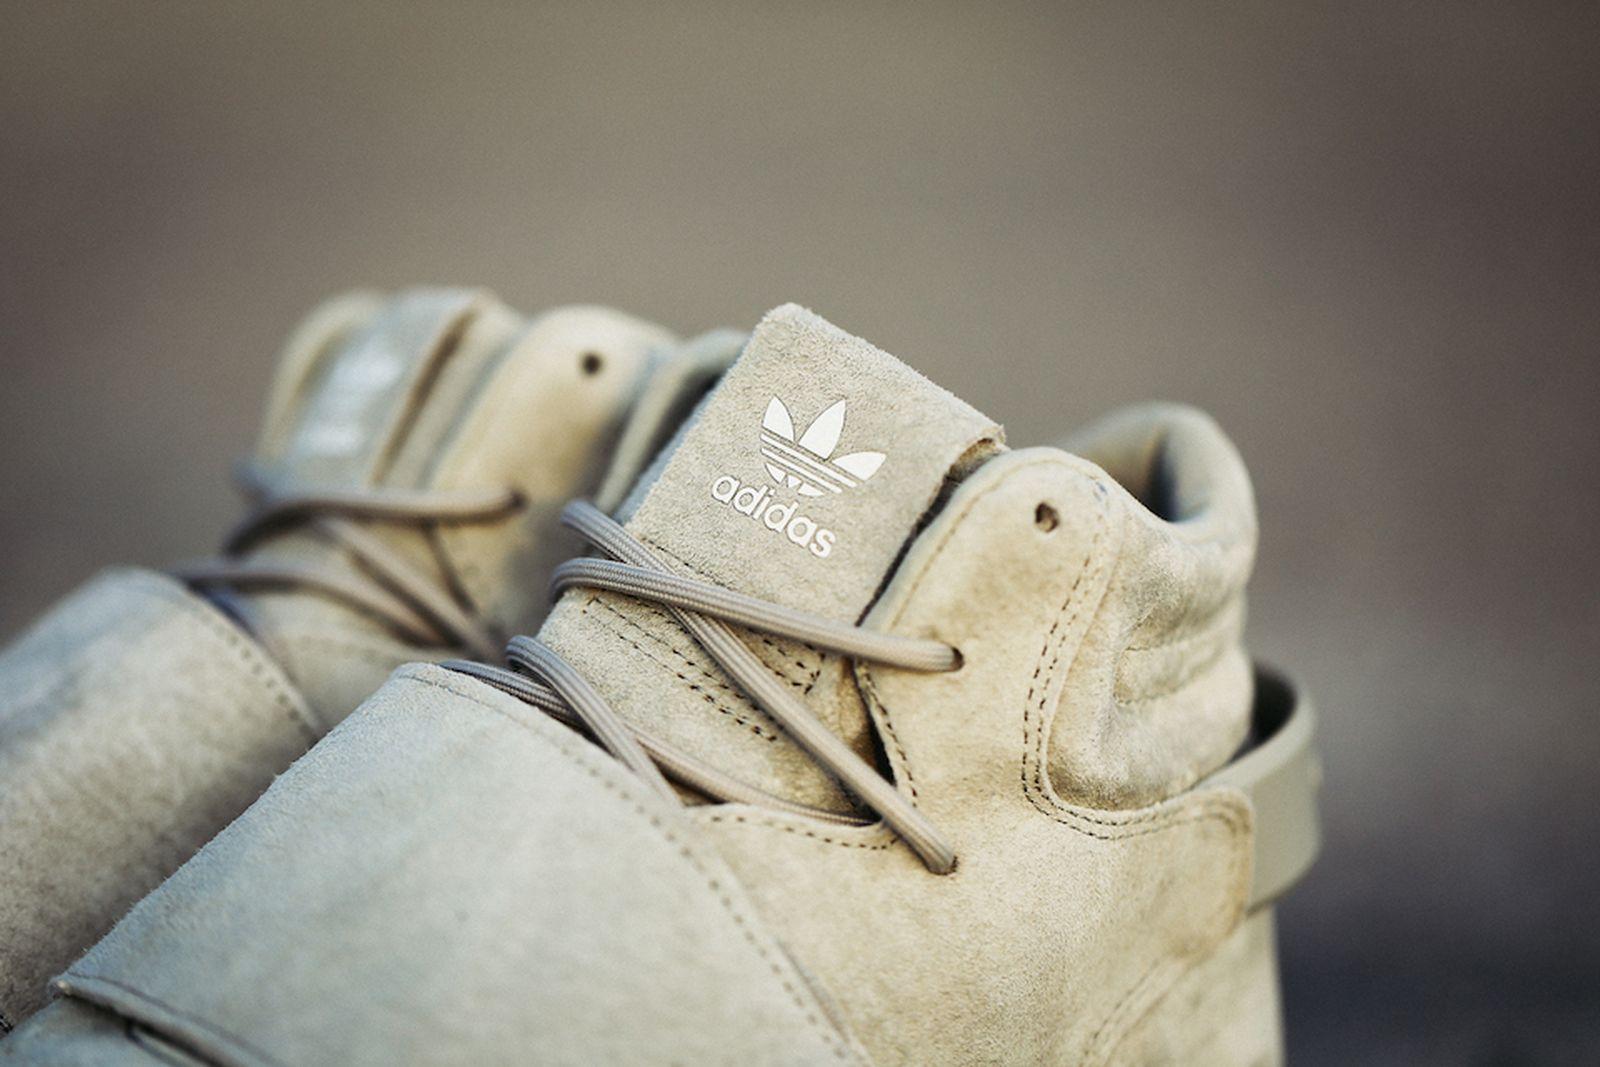 adidas-Finishline-Highsnobiety-2